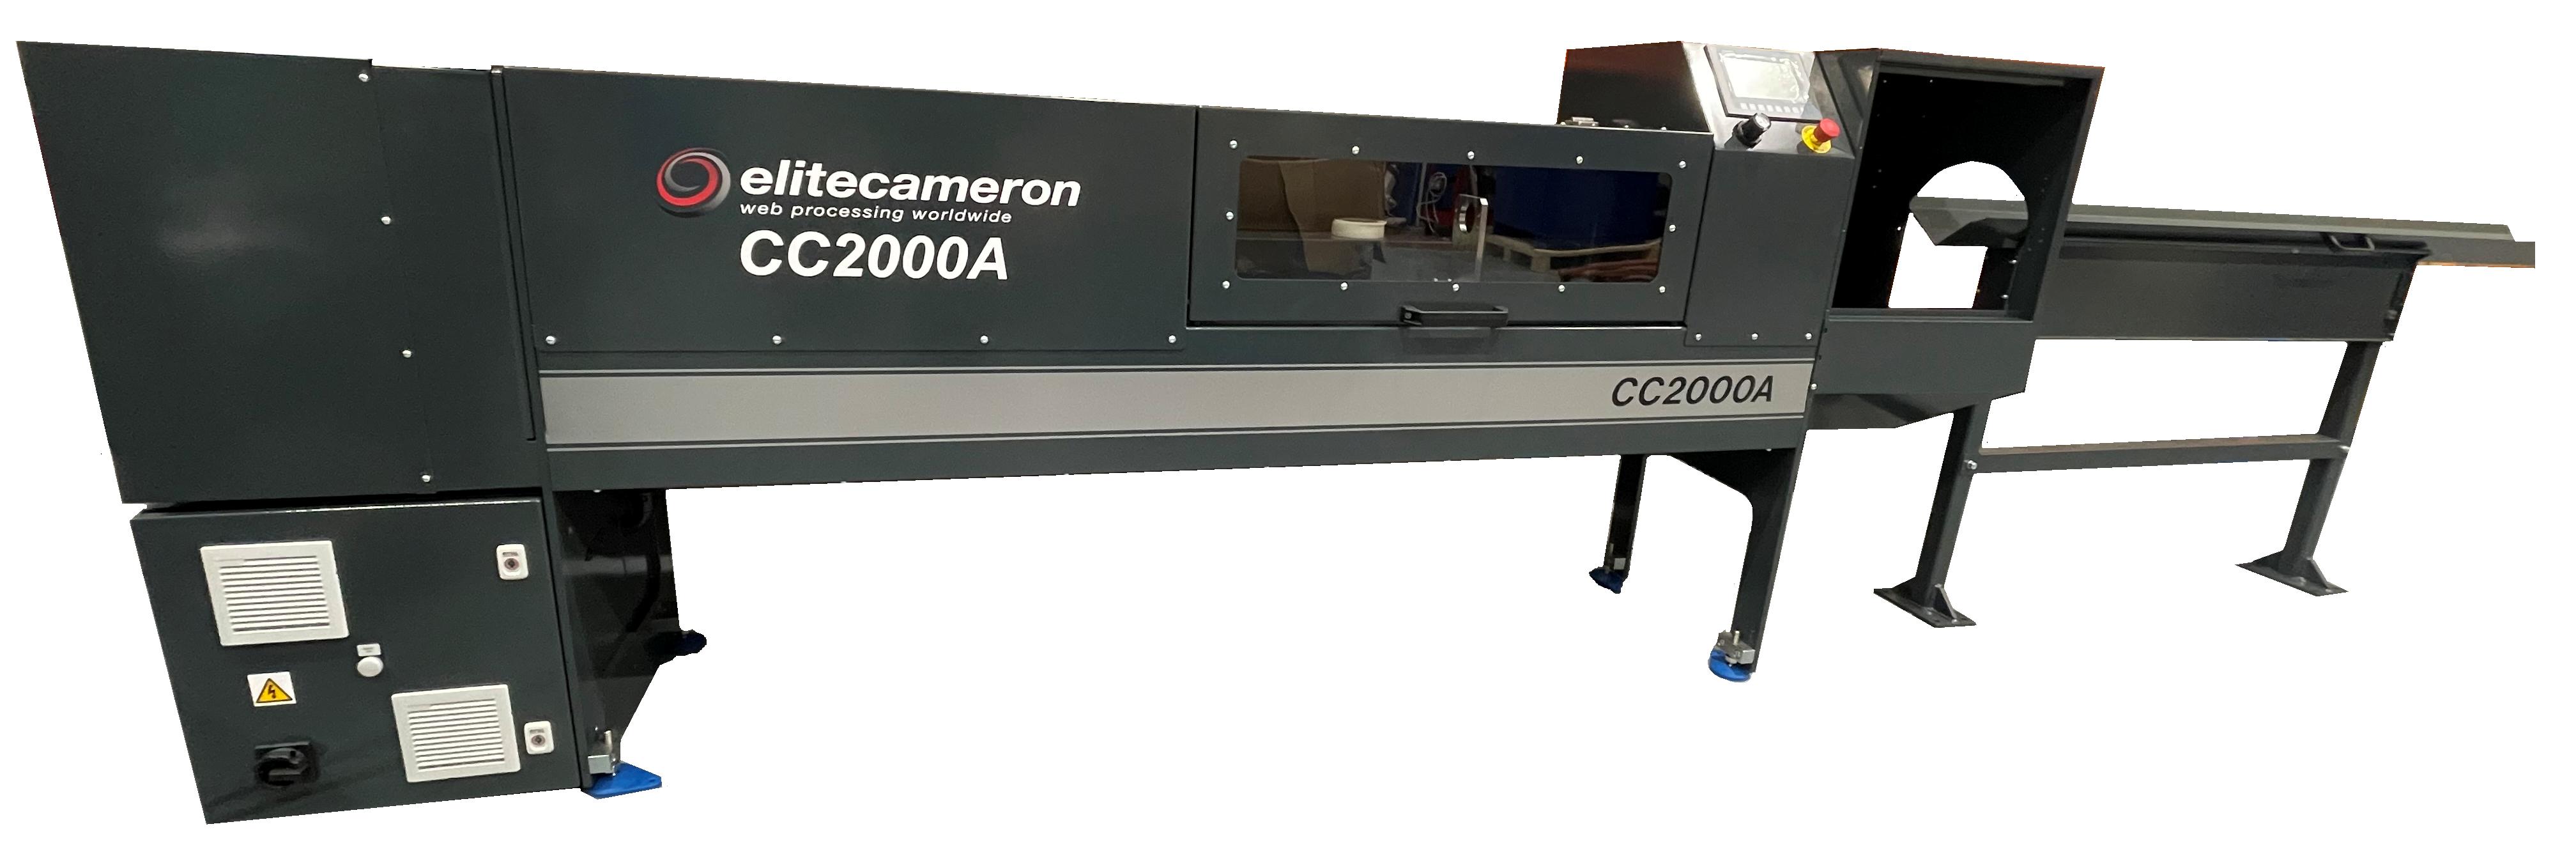 CC100A